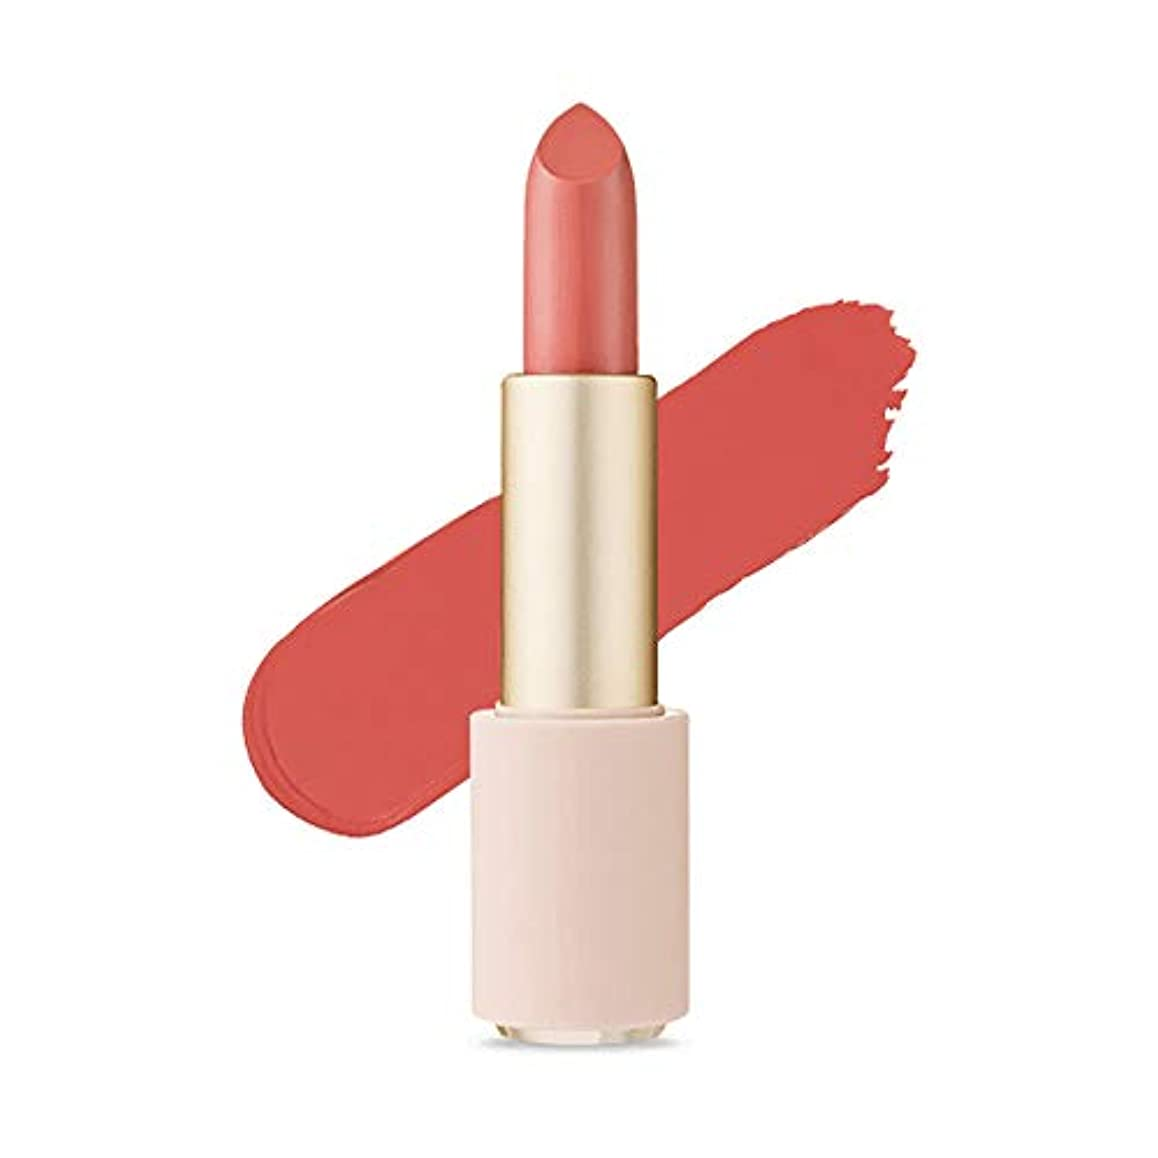 休憩する猫背泥棒Etude House Better Lips Talk Velvet エチュードハウス ベター リップス - トーク ベルベット (# BE105 Dusty Peach) [並行輸入品]